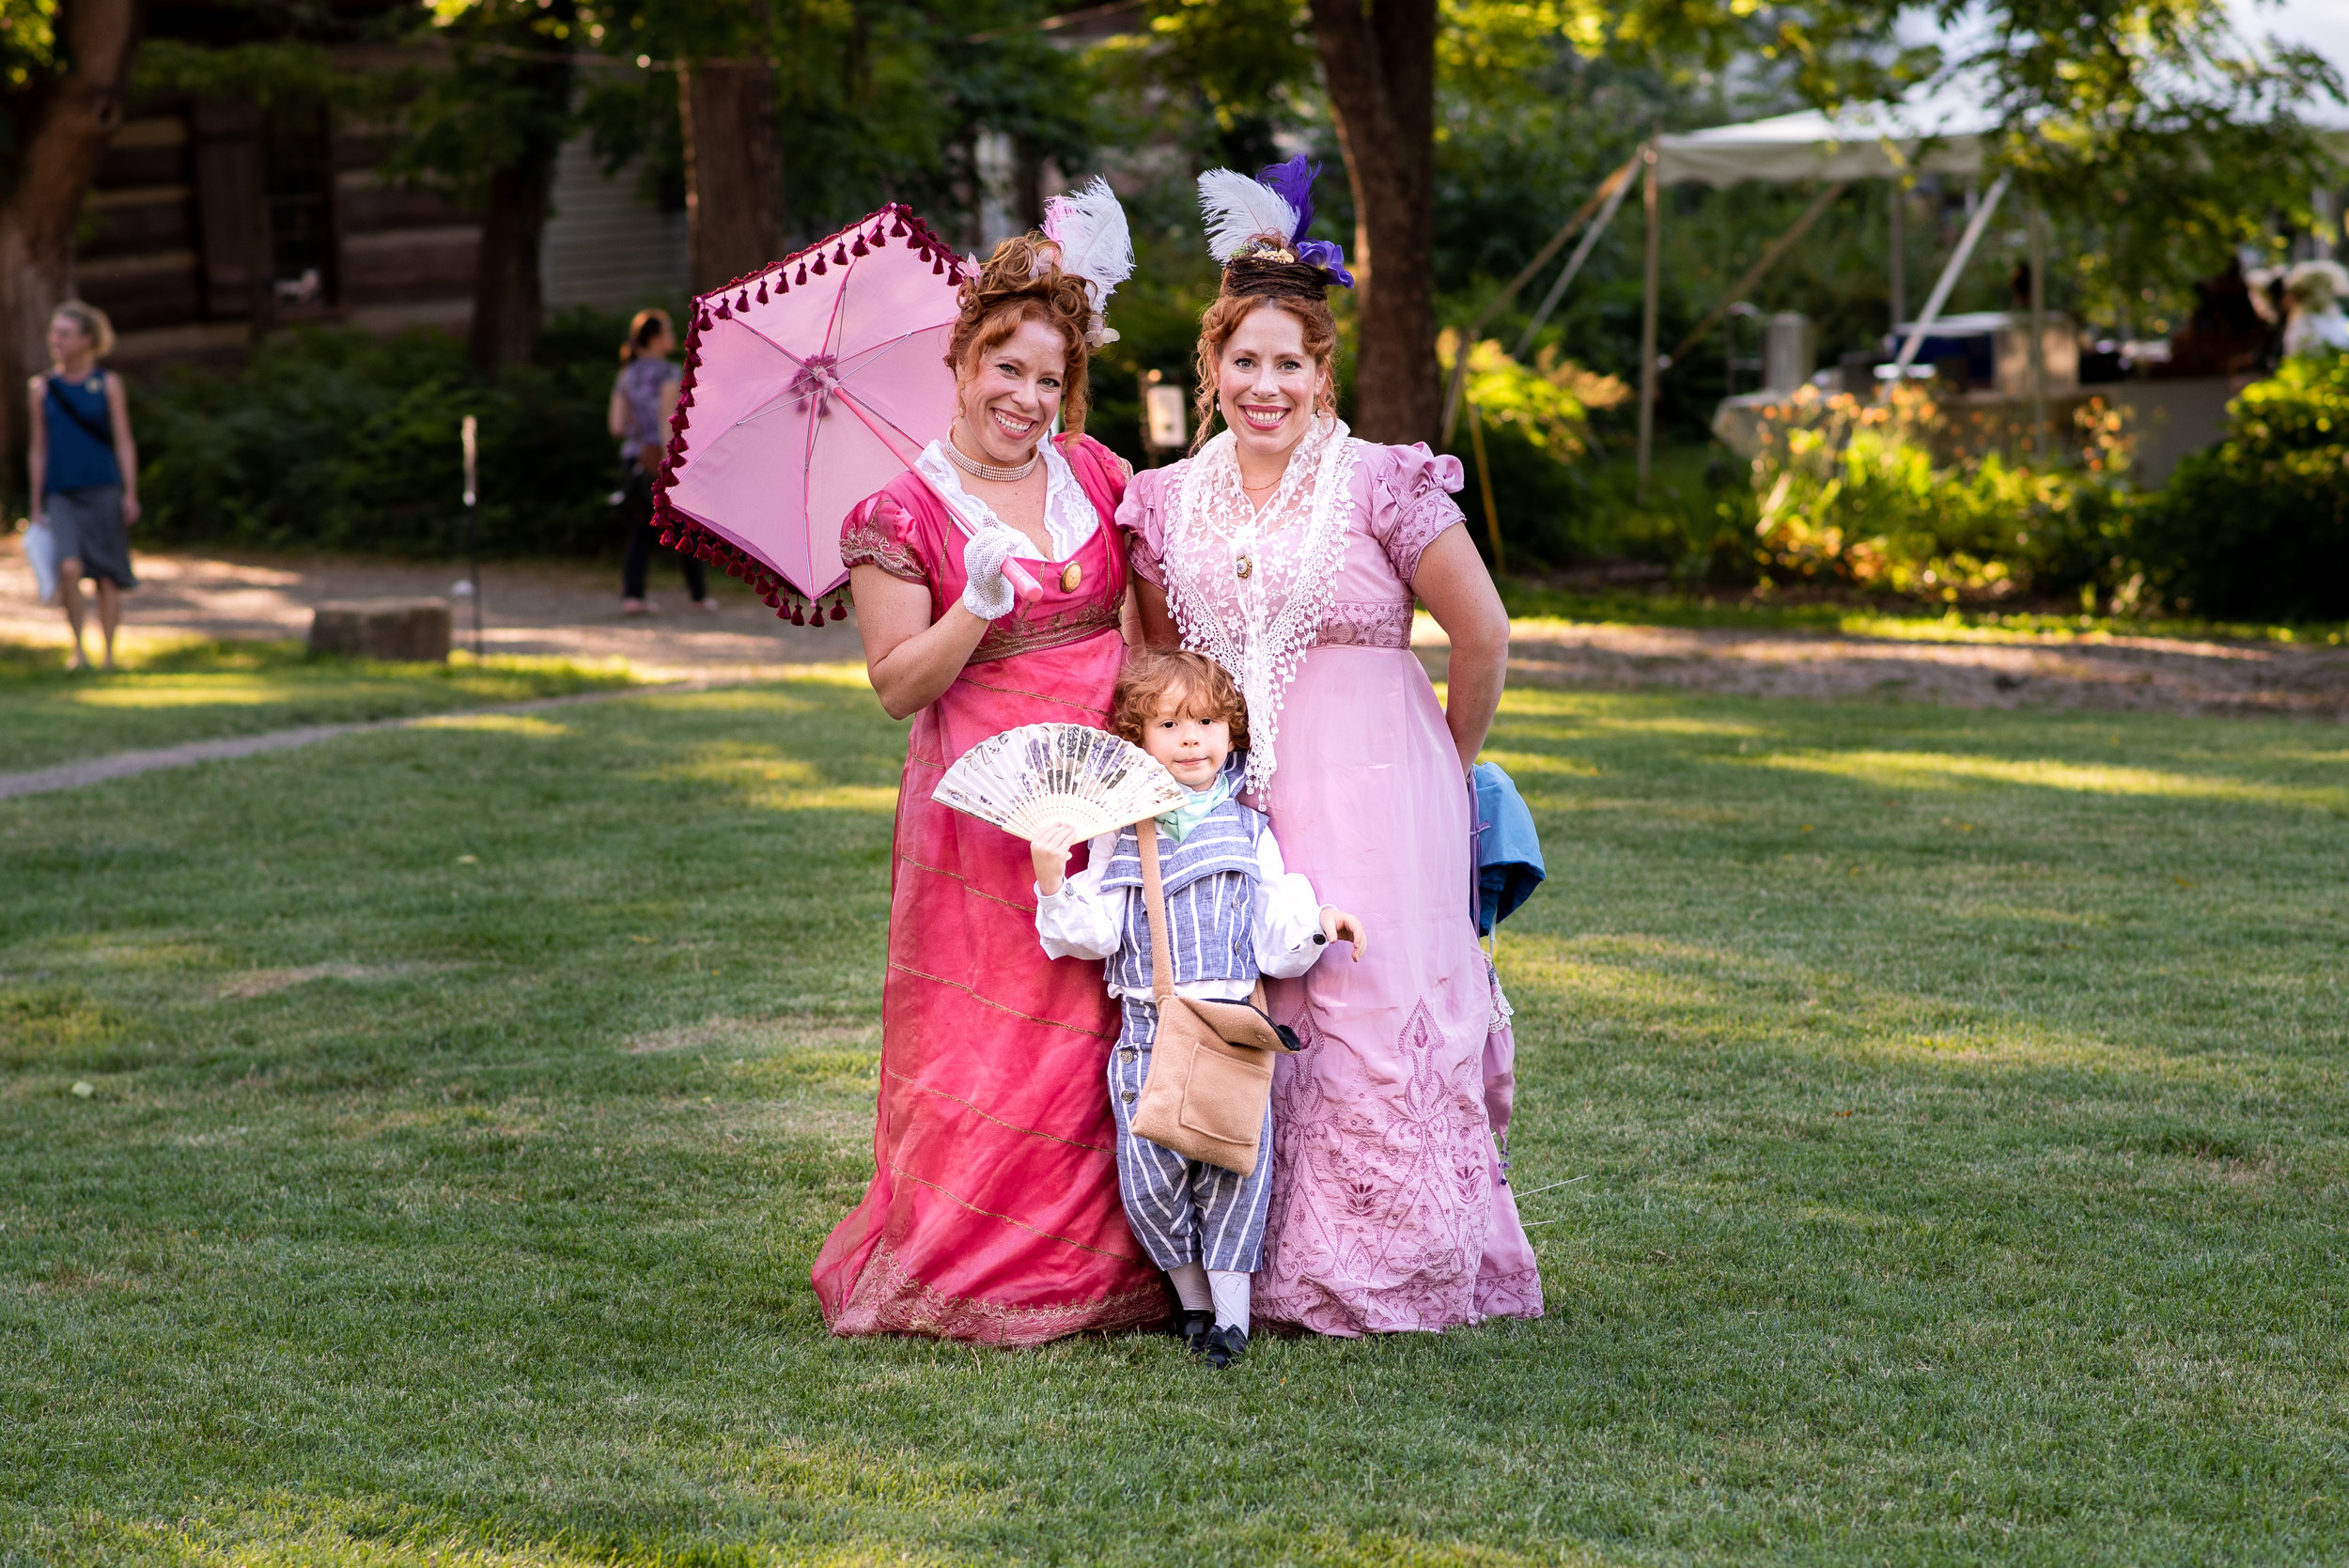 Jane Austen Festival Louisville Kentucky 2019